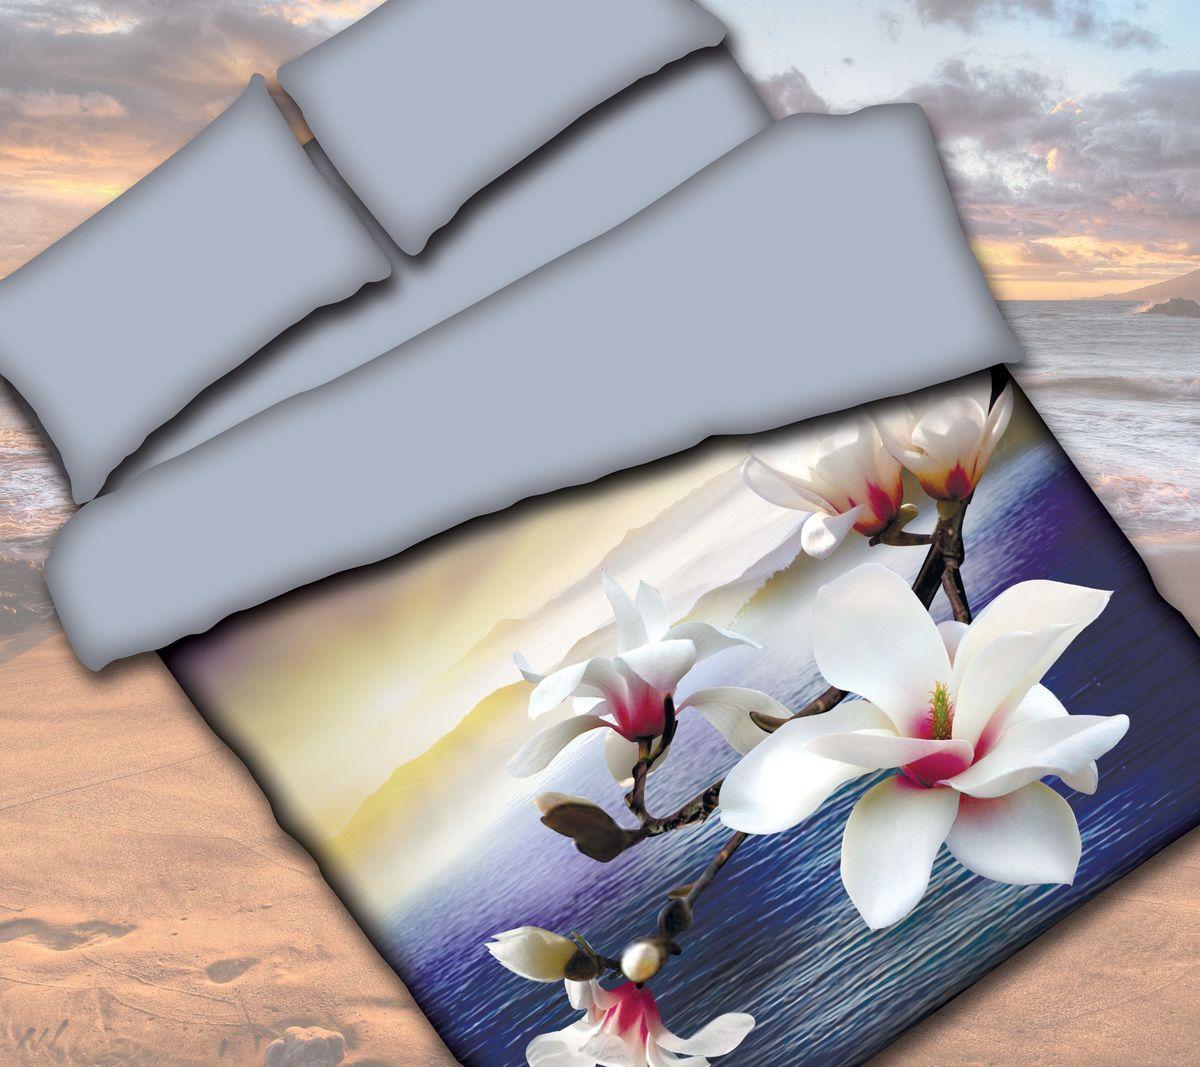 Комплект белья Коллекция Орхидея, 2,5-спальный, наволочки 70x70. СРП2,5/70/ОЗ/орхСРП2,5/70/ОЗ/орхКомплект постельного белья Коллекция прекрасно украсит любой интерьер. Выполнен из сатина. Сатин - это гладкая и прочная ткань, которая своим блеском, легкостью и гладкостью очень похожа на шелк. Ткань практически не мнется, поэтому его можно не гладить. Он практичен, так как хорошо переносит множественные стирки. Комплект включает в себя: простыню 240 х 224 см, пододеяльник 200 х 220 см,2 наволочки 70 х 70 см.